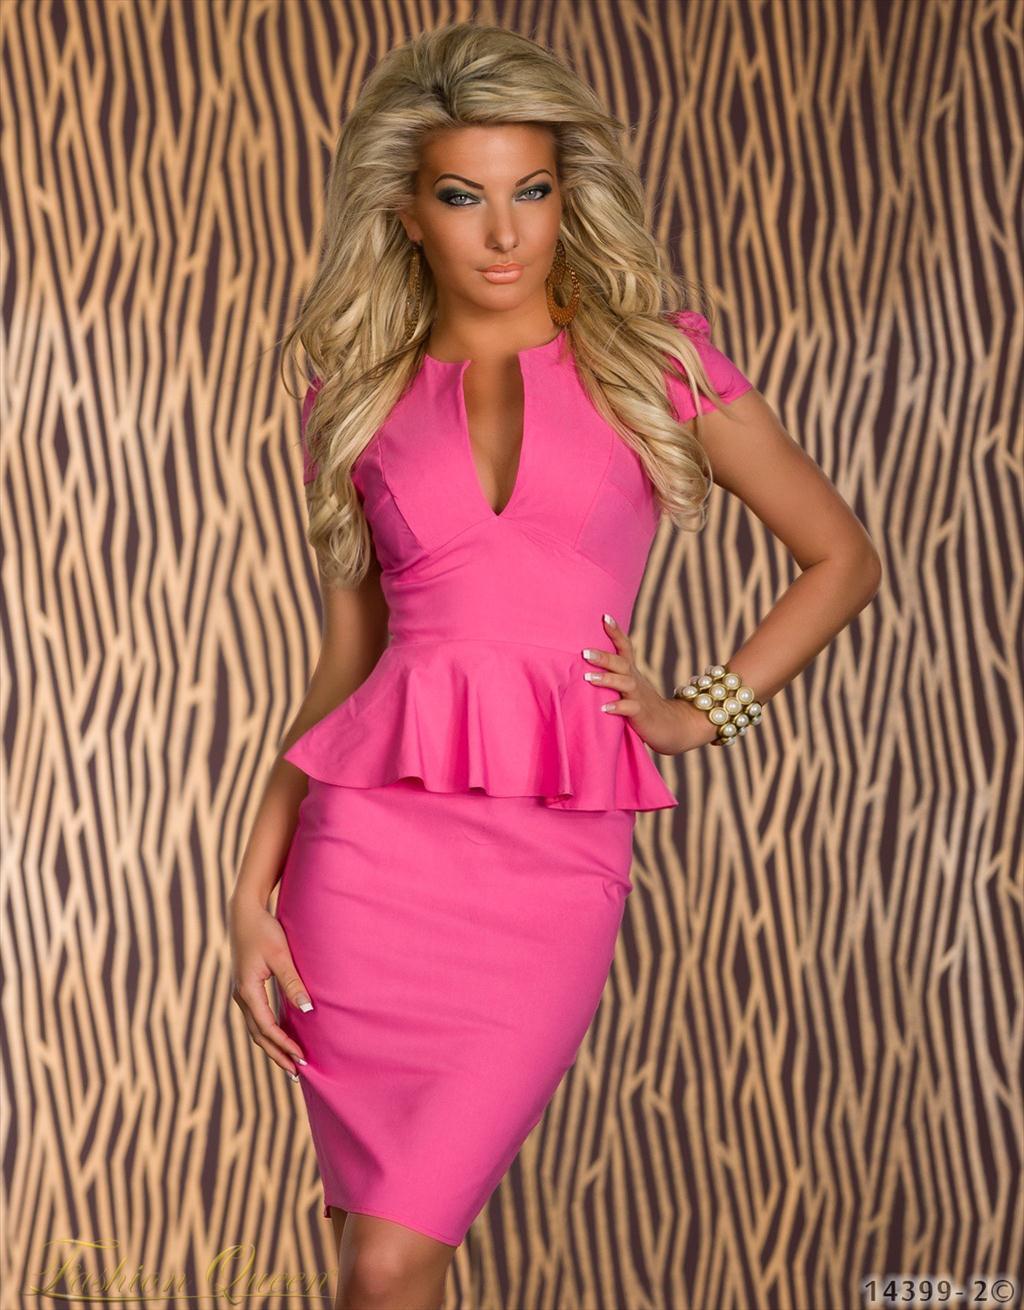 e046dab4563e Fashion Queen - Dámske oblečenie a móda - Šaty s krátkym rukávom